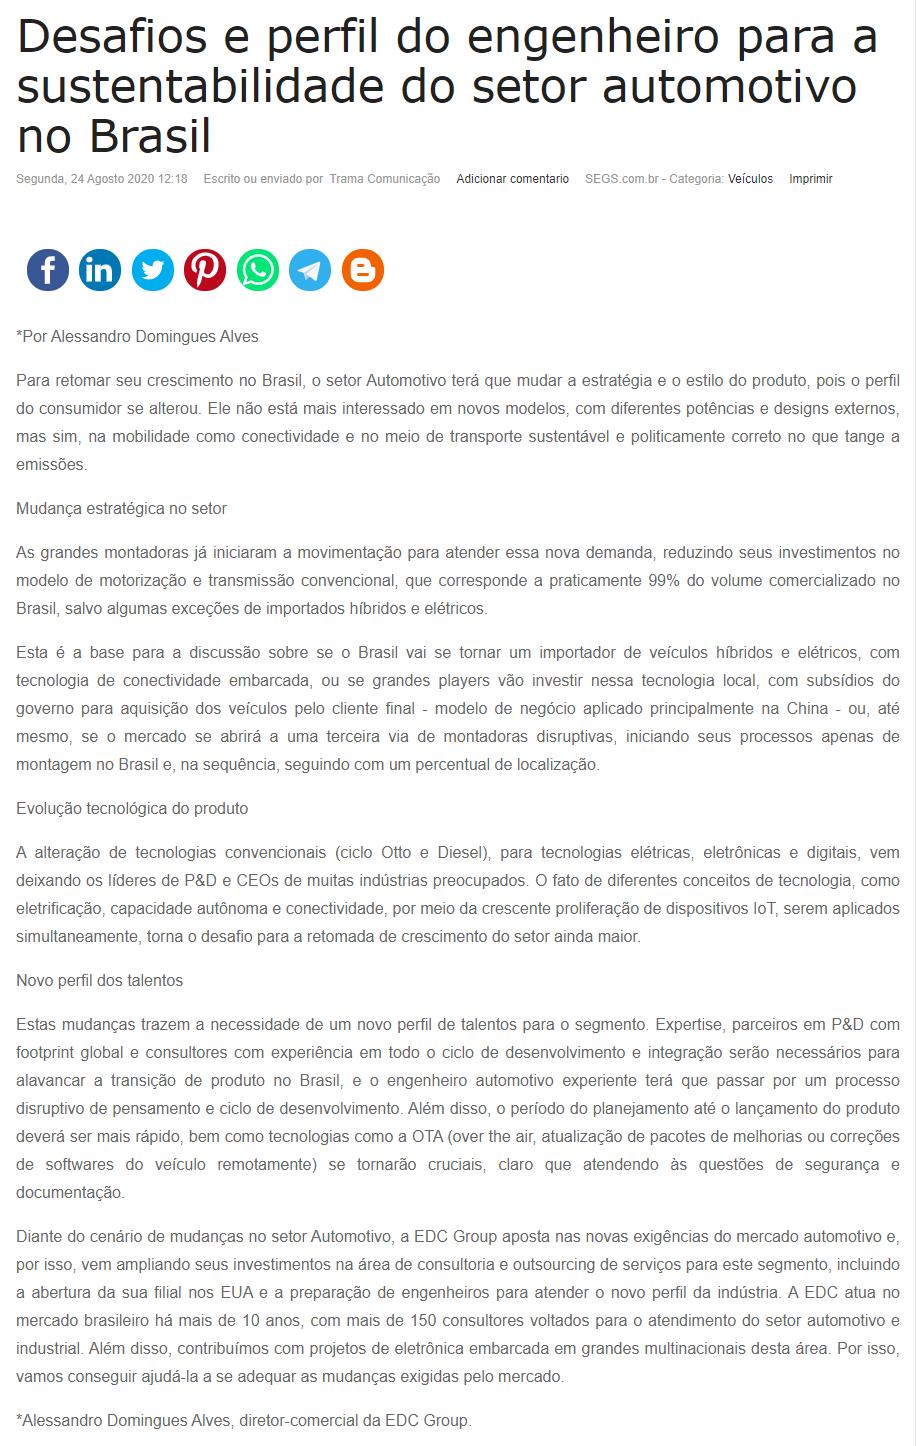 Desafios e perfil do engenheiro para a sustentabilidade do setor automotivo no Brasil - Segs